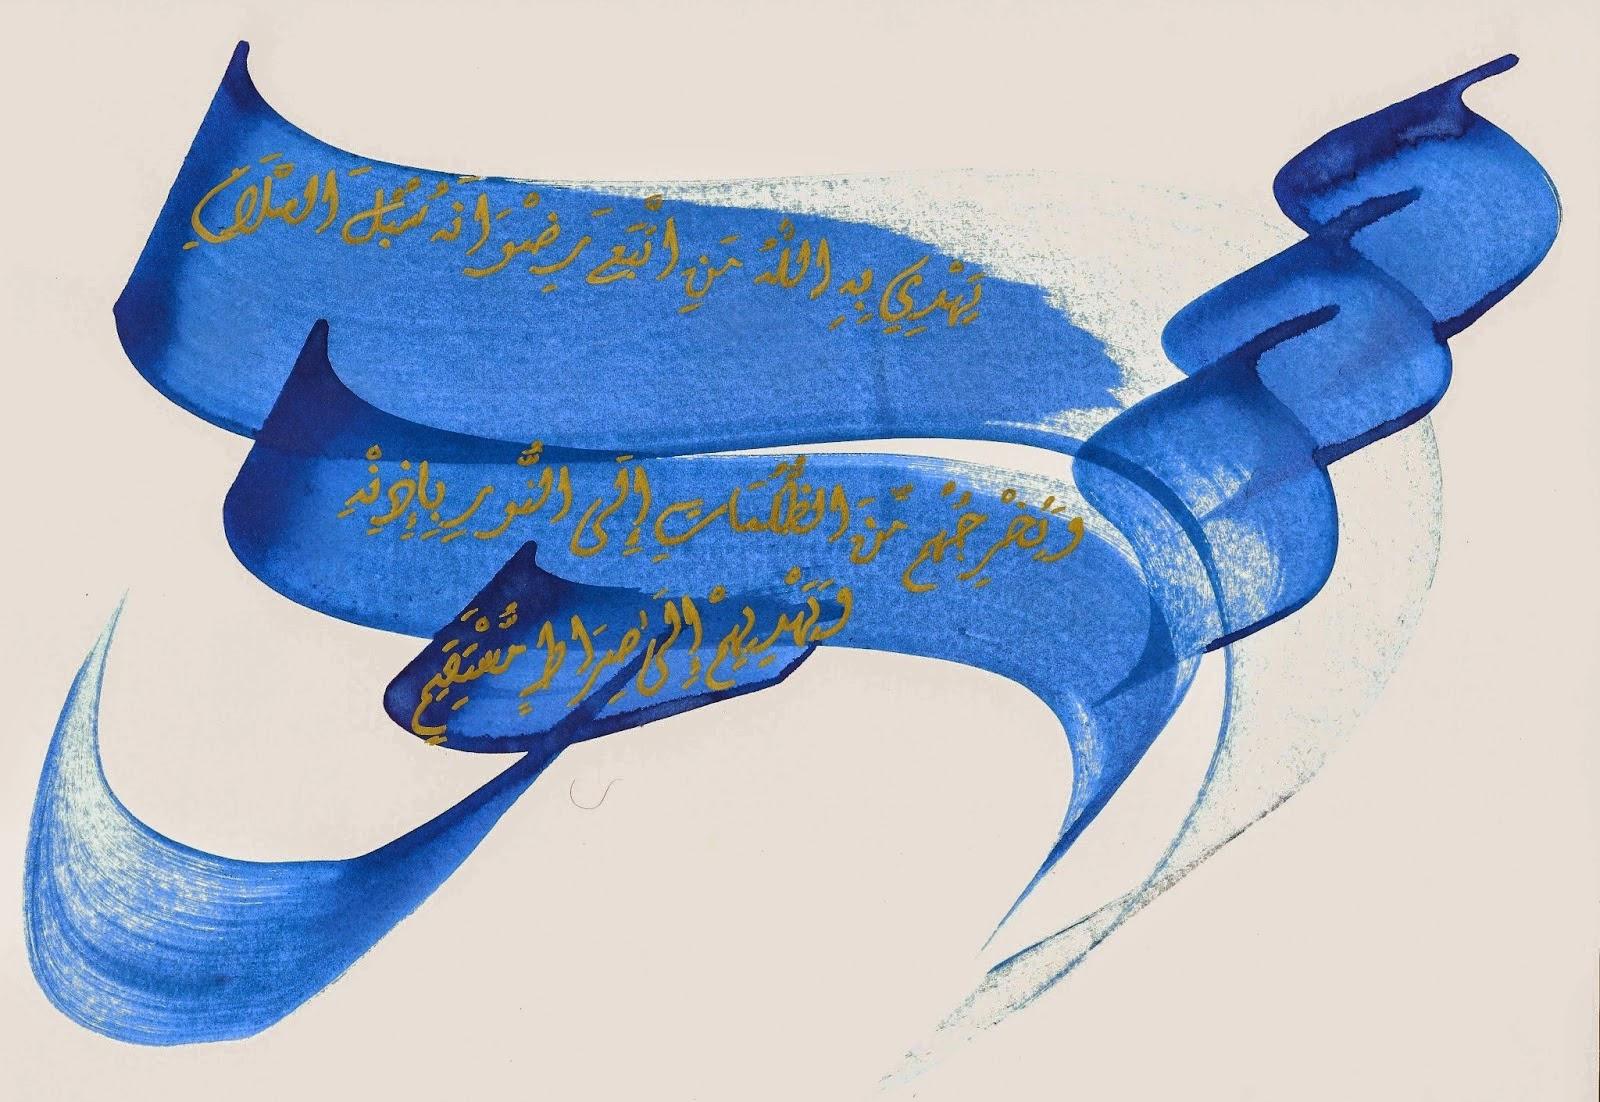 Peace Art in Dubai